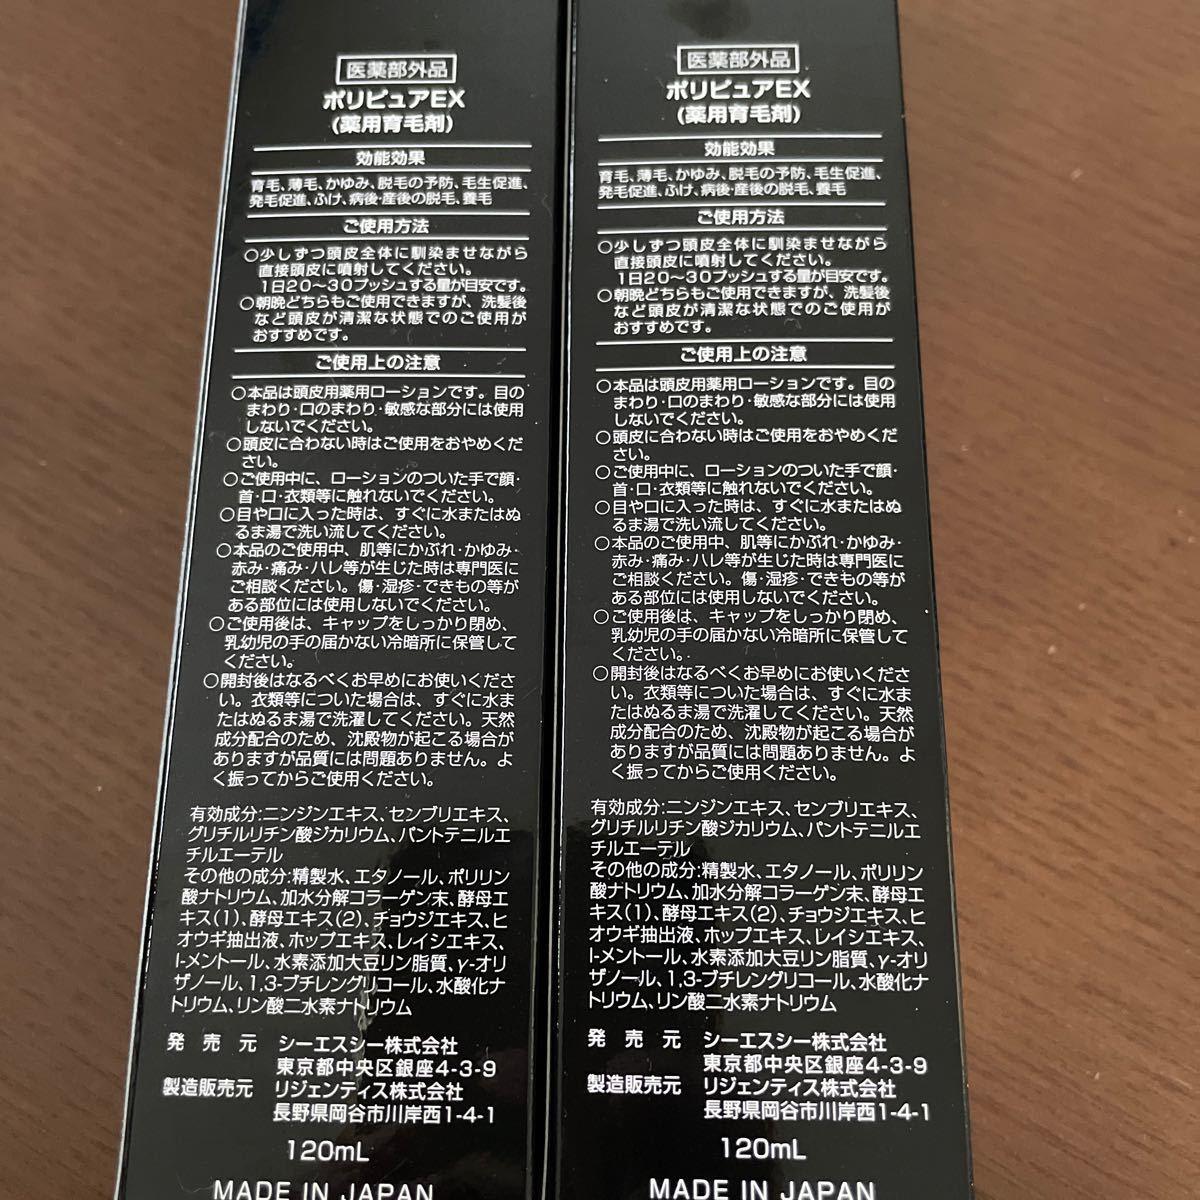 シーエスシー 薬用 ポリピュアEX 120ml 2本セット